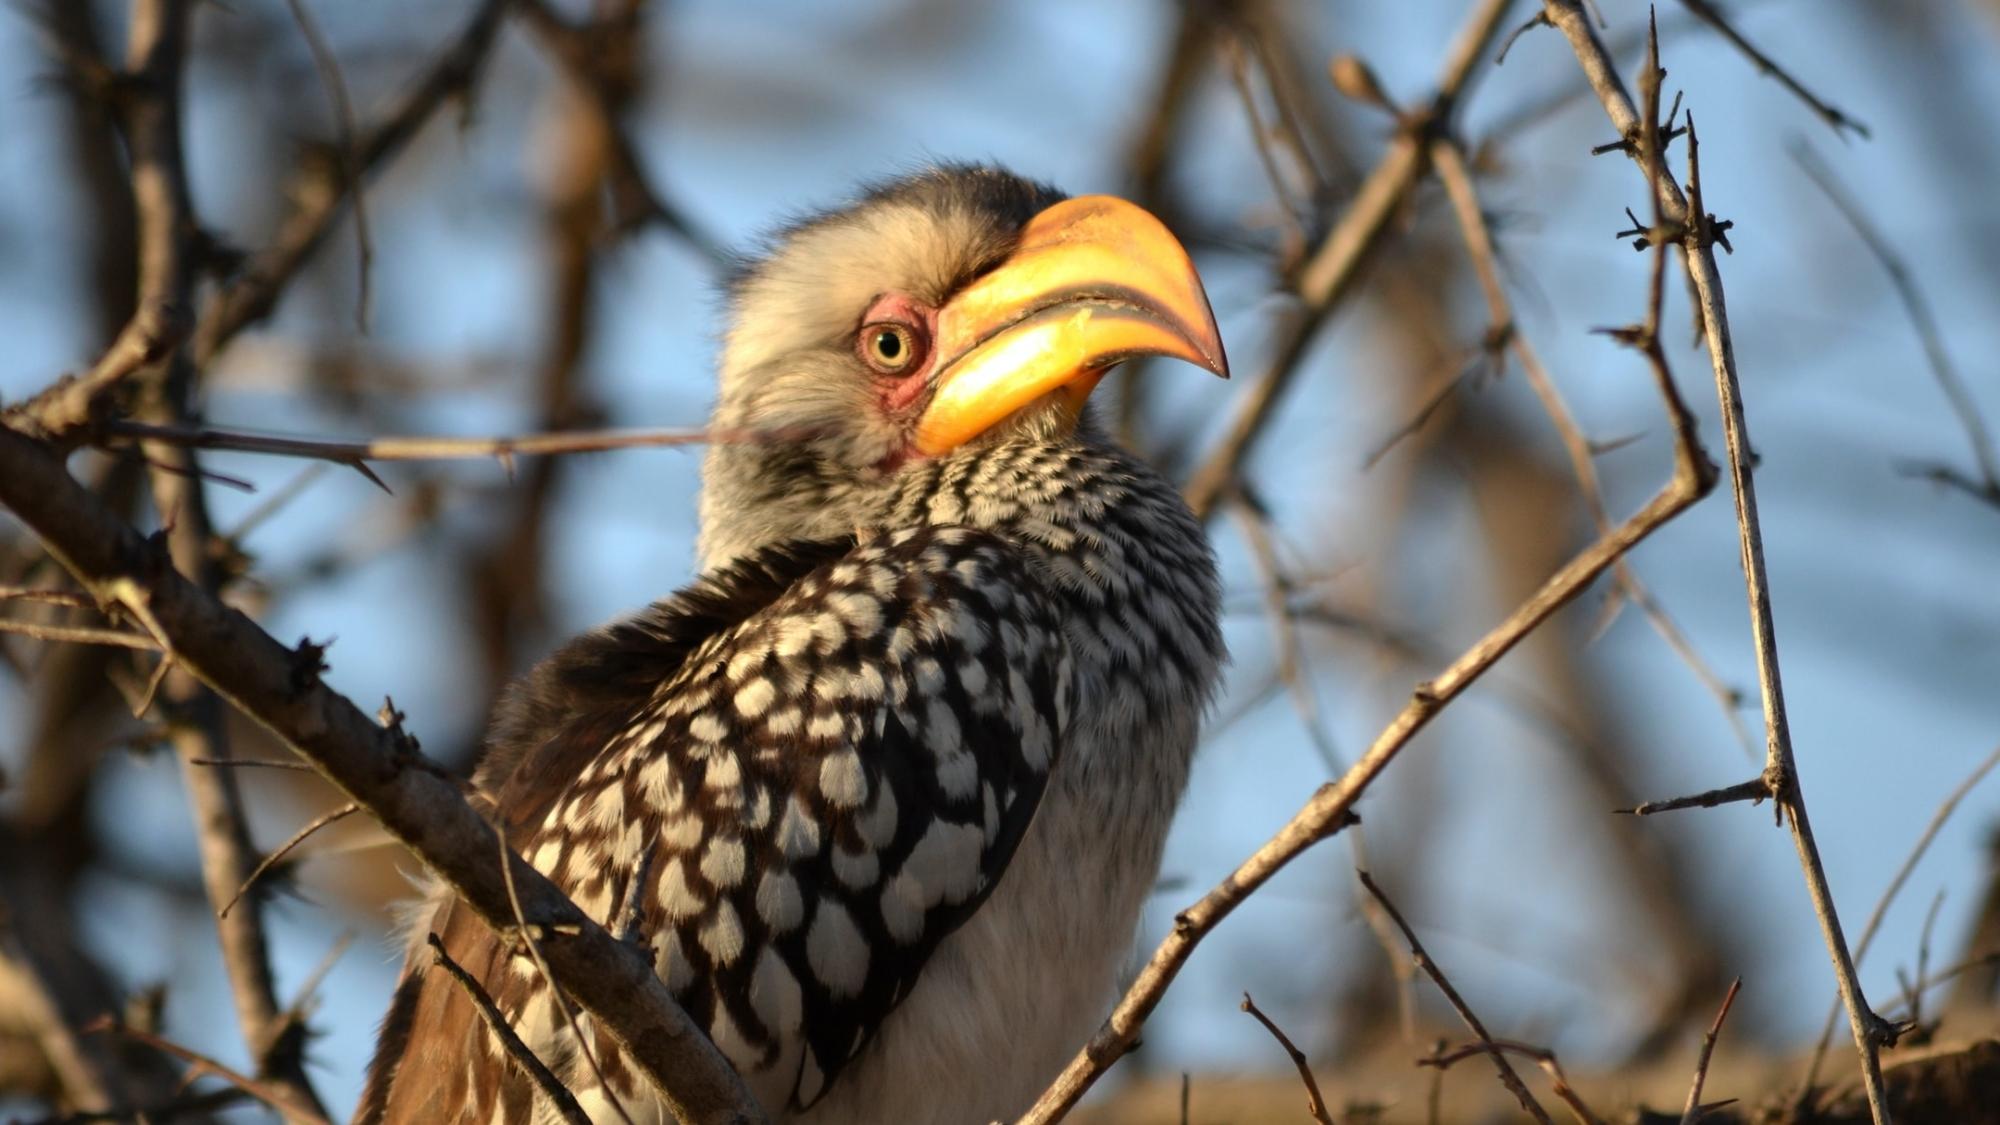 Vogels spotten in Zuid-Afrika - Activiteiten Exclusive Culitravel